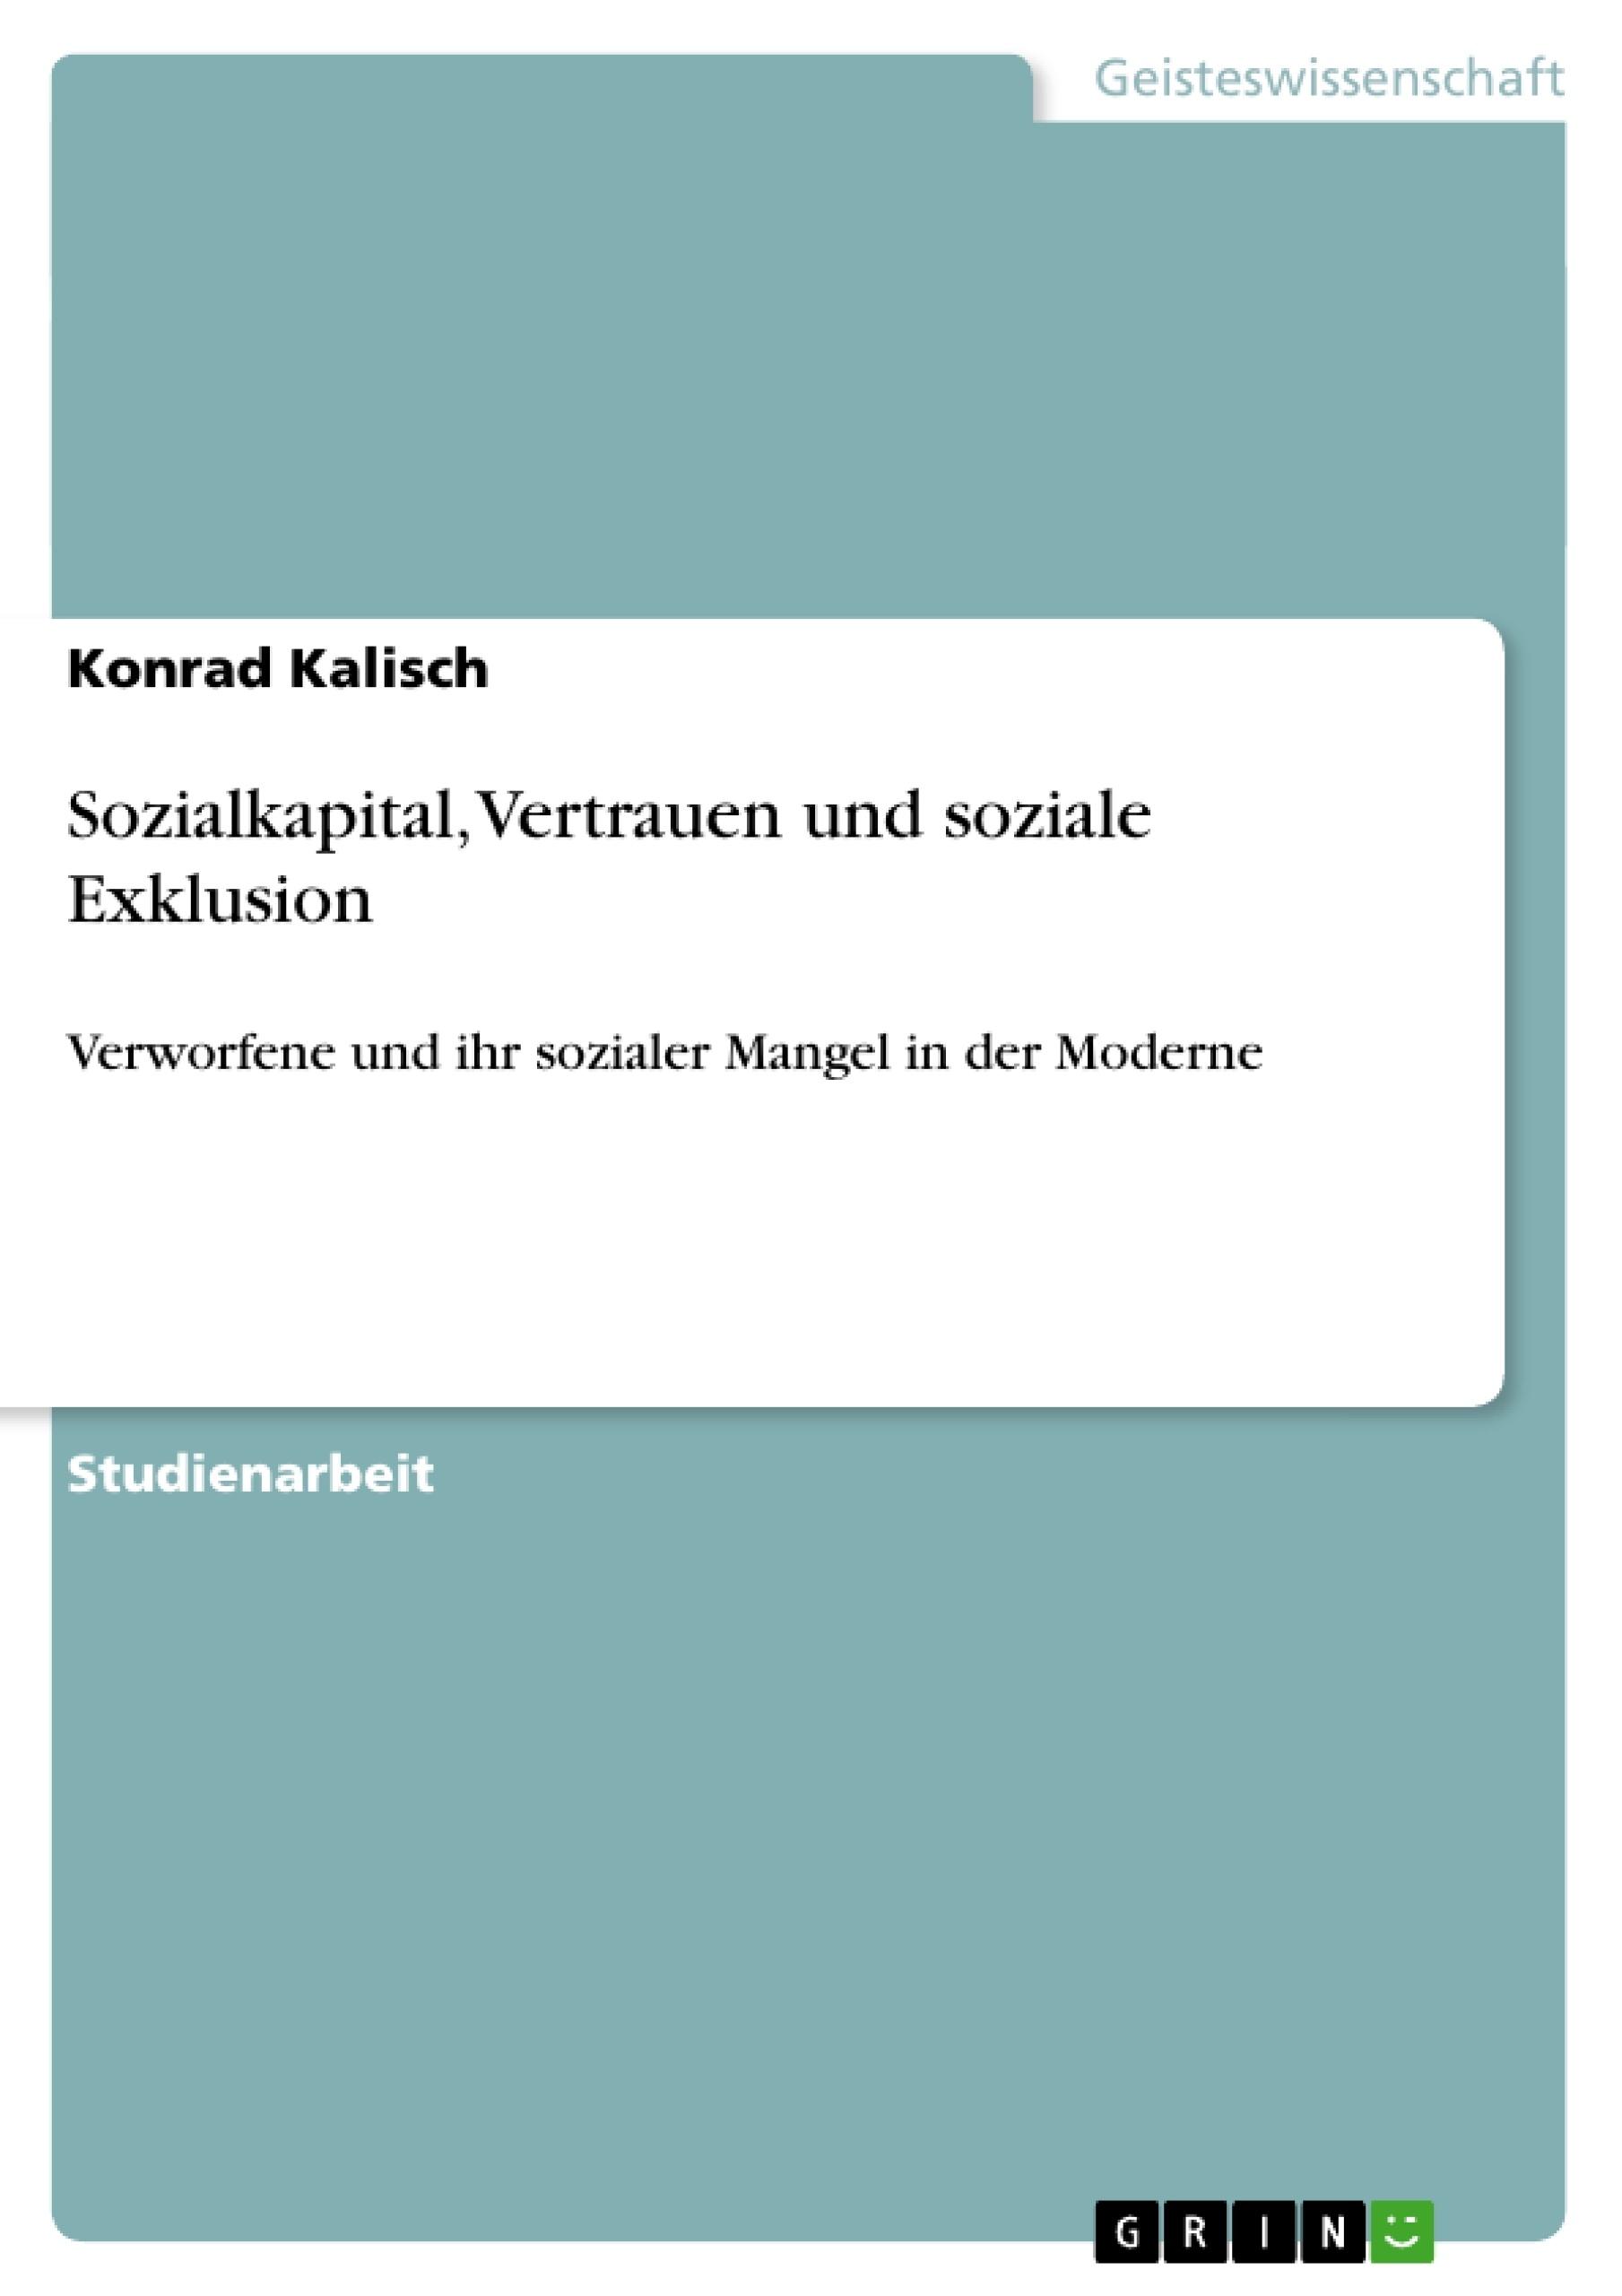 Titel: Sozialkapital, Vertrauen und soziale Exklusion